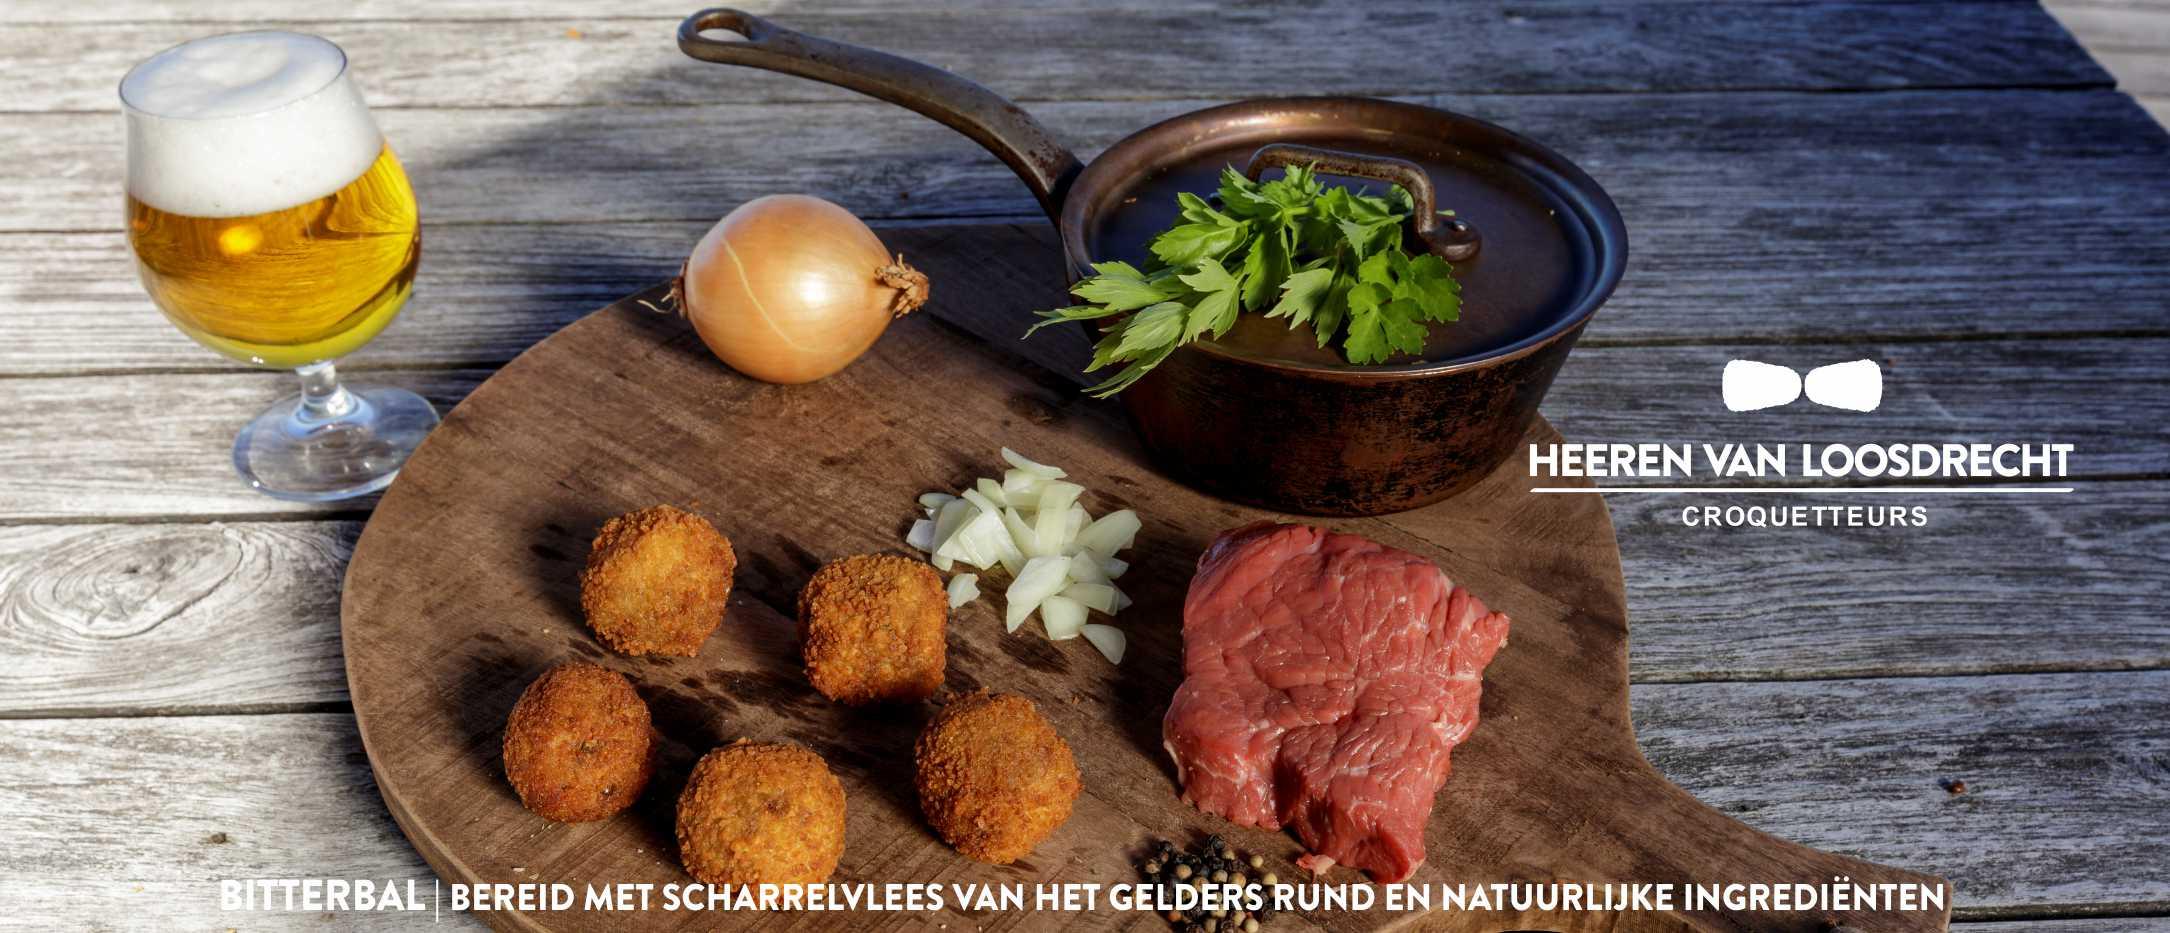 Heeren van Loosdrecht - Bitterbal met scharrelvlees